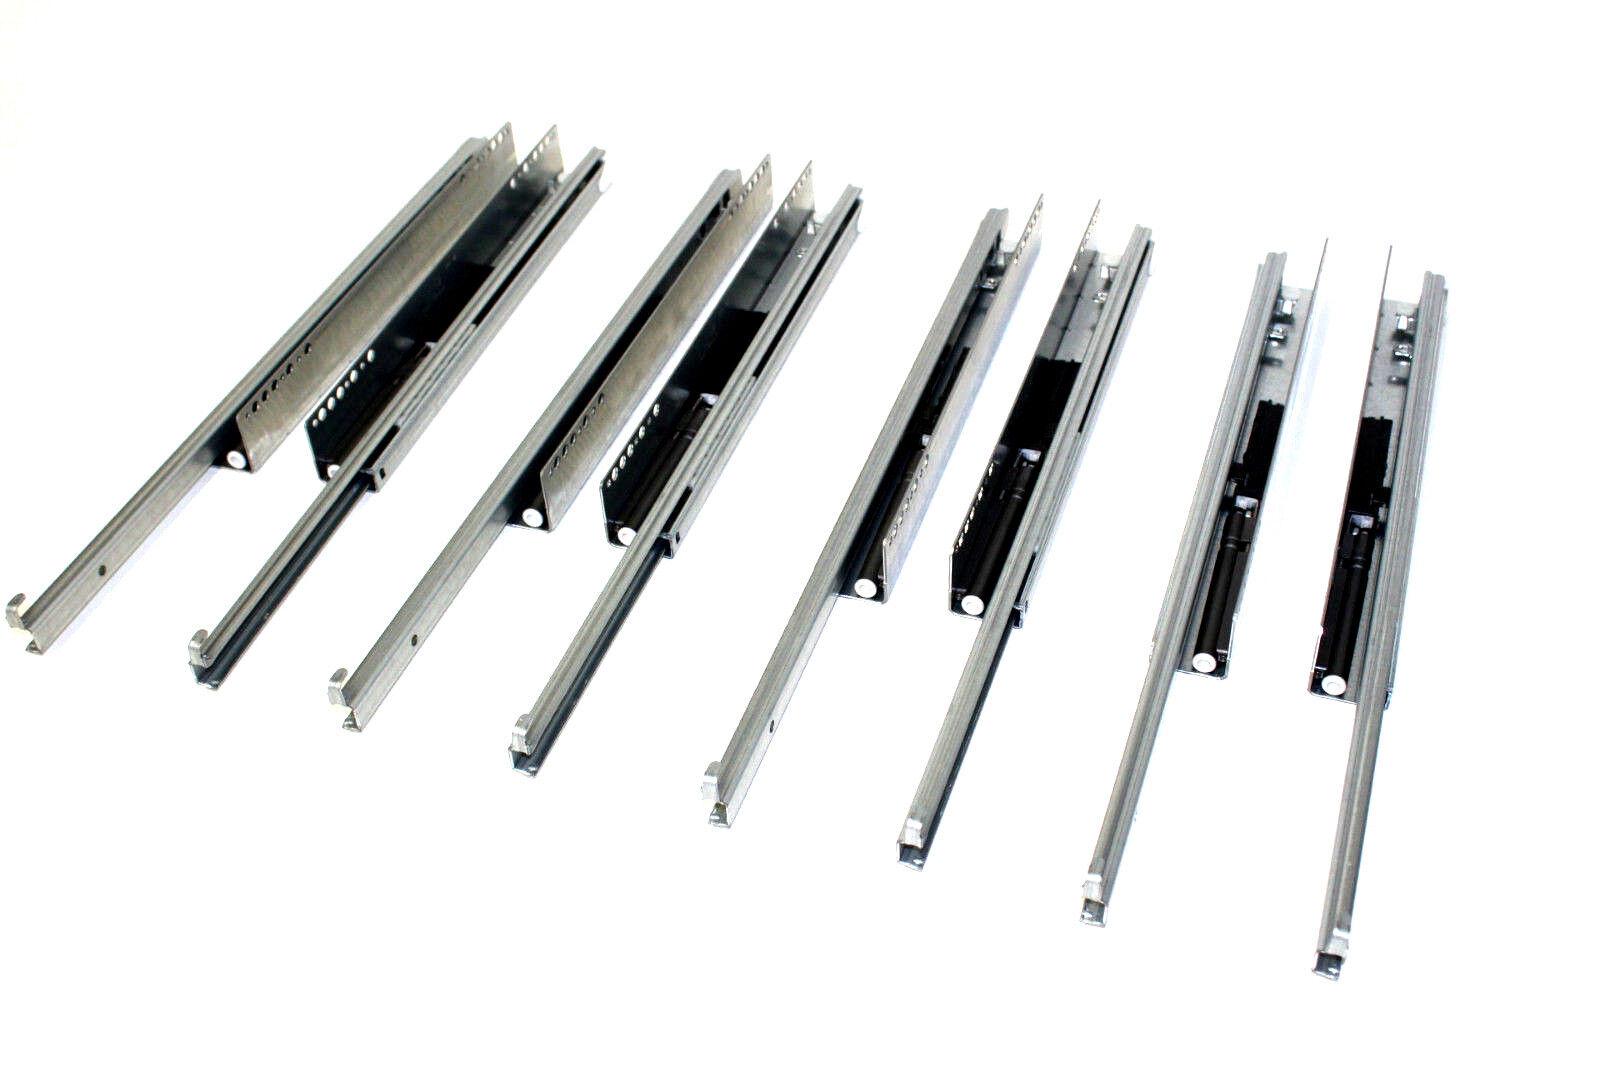 4 REME Auszüge Teilauszug Vollauszüge Schubkastenführung Schubladenauszüge 450mm